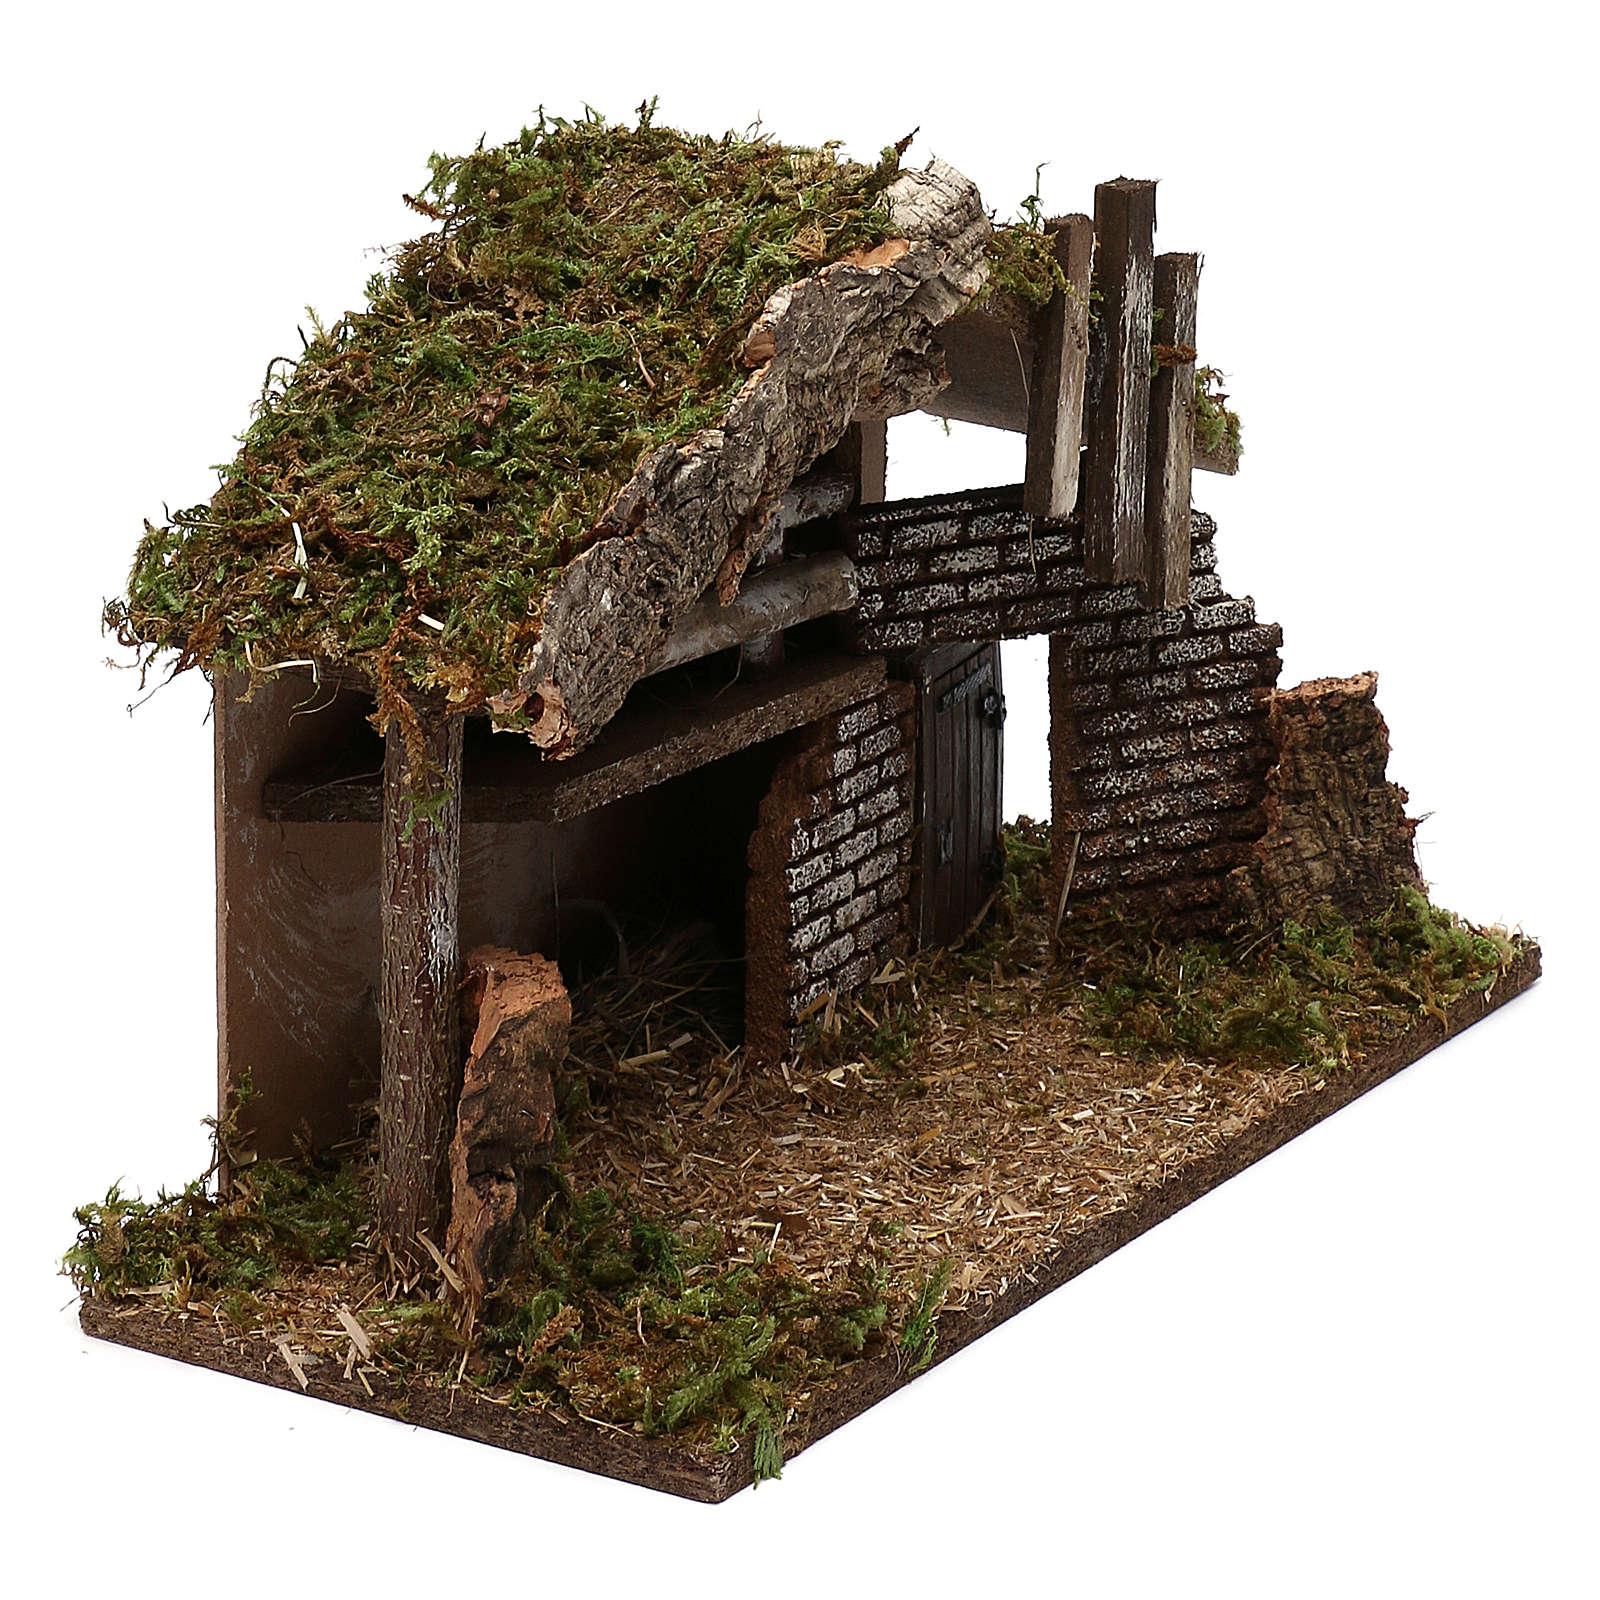 Cabaña para belén de madera y corcho 30x40x15 cm 4